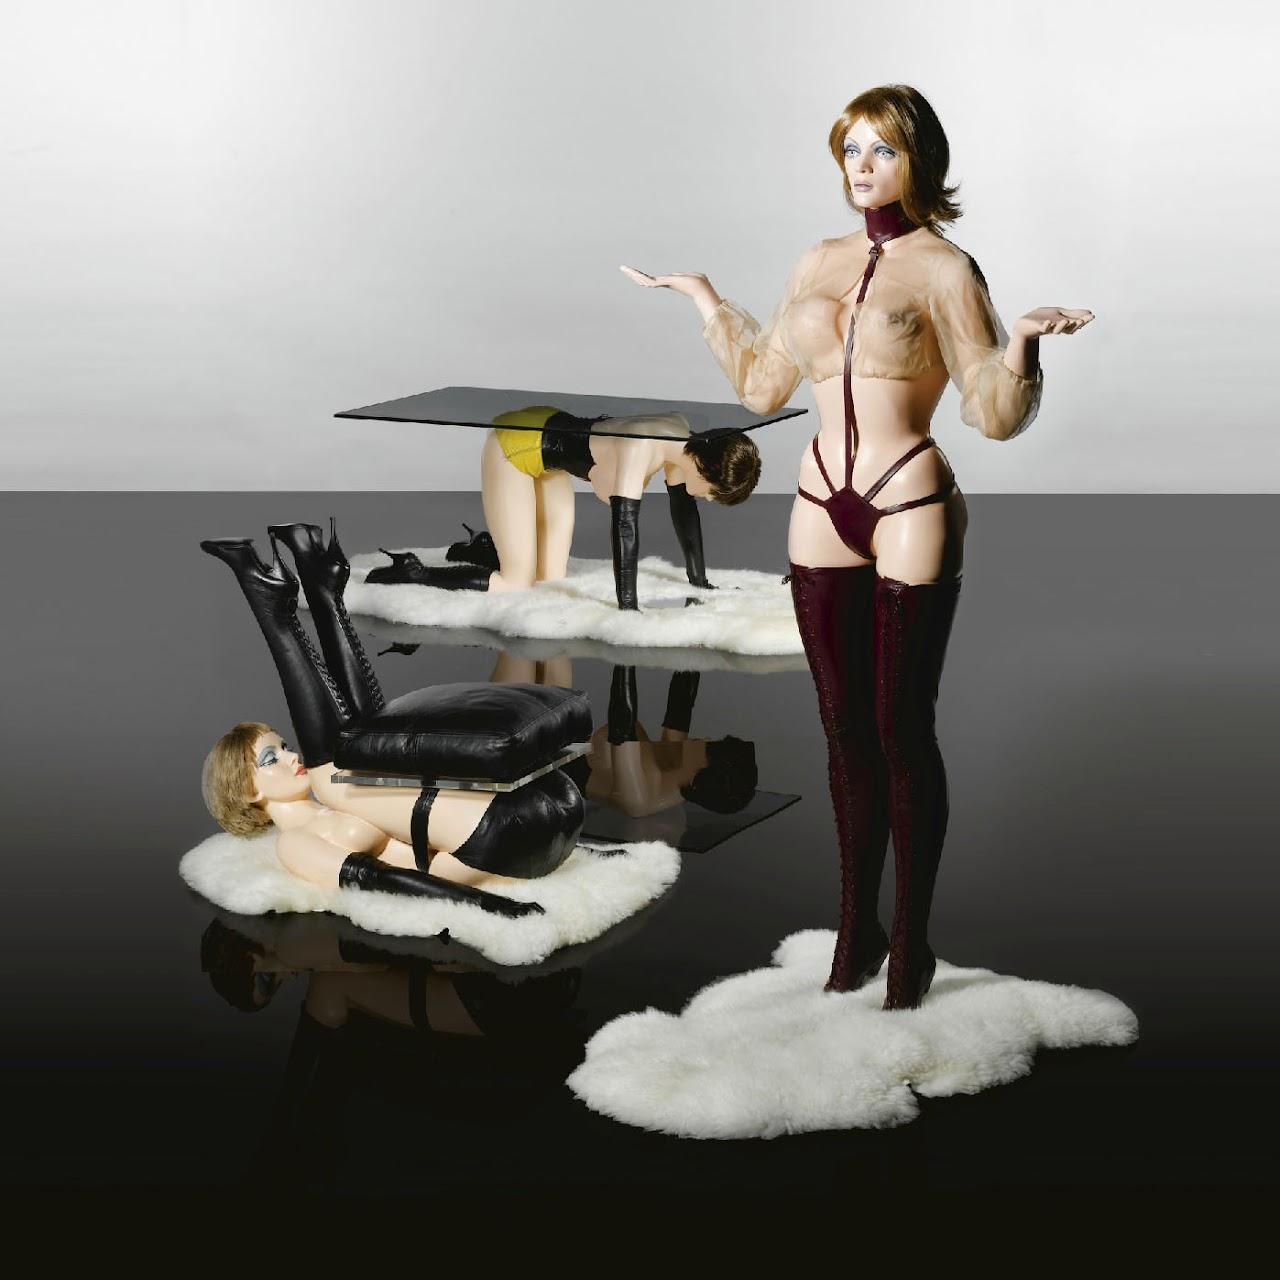 http://2.bp.blogspot.com/-udO5j1zoSCU/T70sqm3Mv9I/AAAAAAAAQps/fZdux83IKr4/s1600/Modern_Furniture.jpg